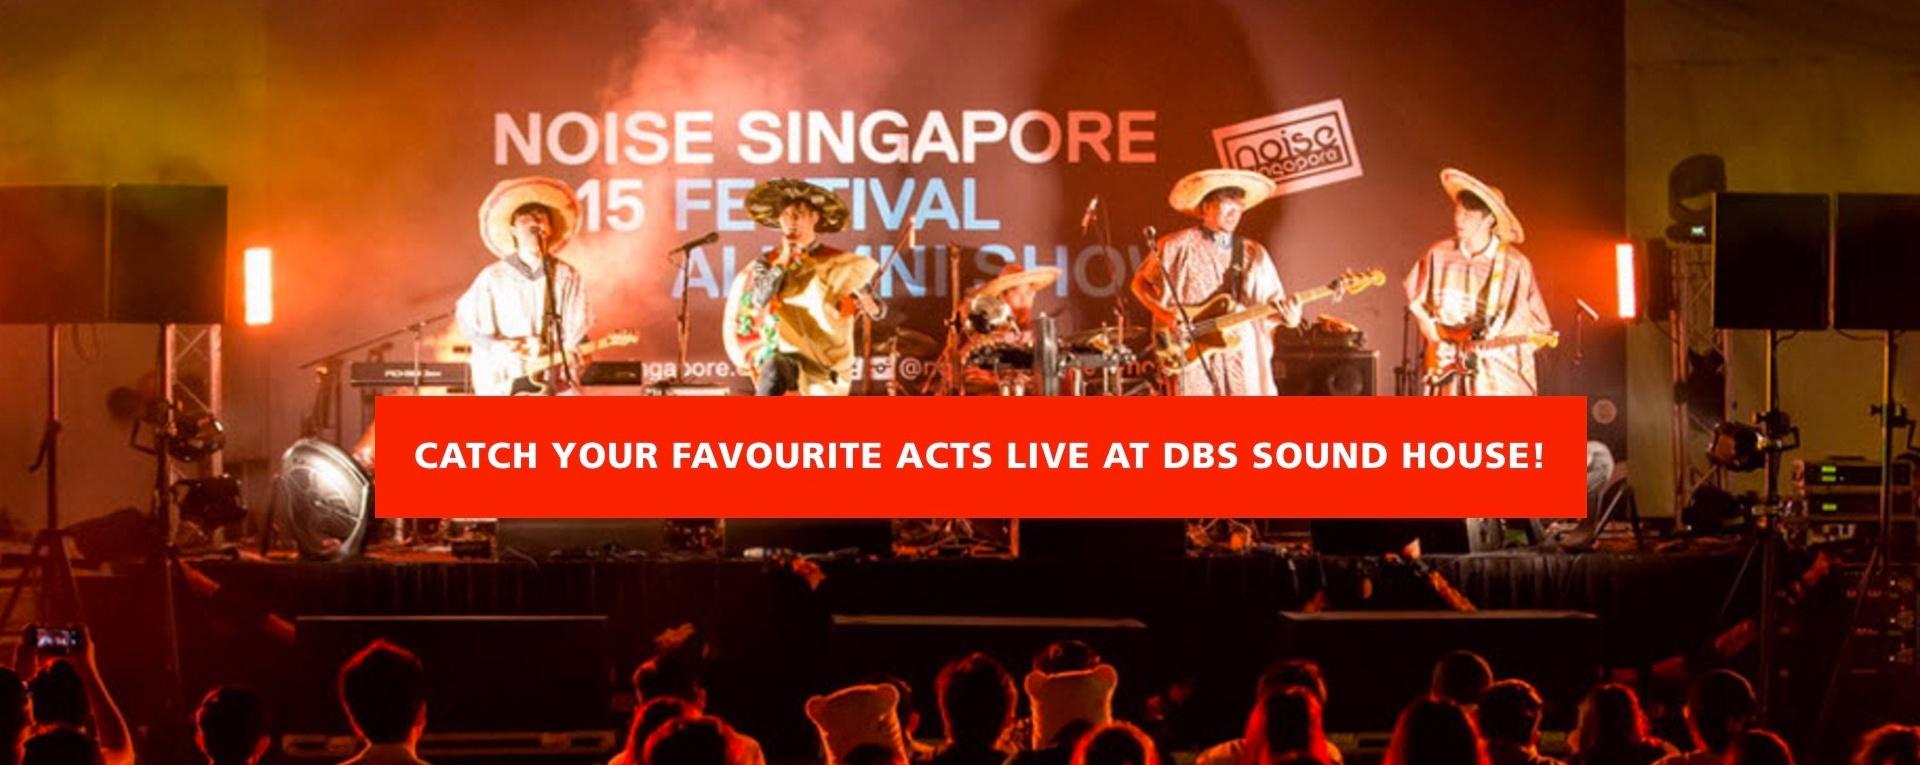 DBS Marina Regatta at DBS Sound House